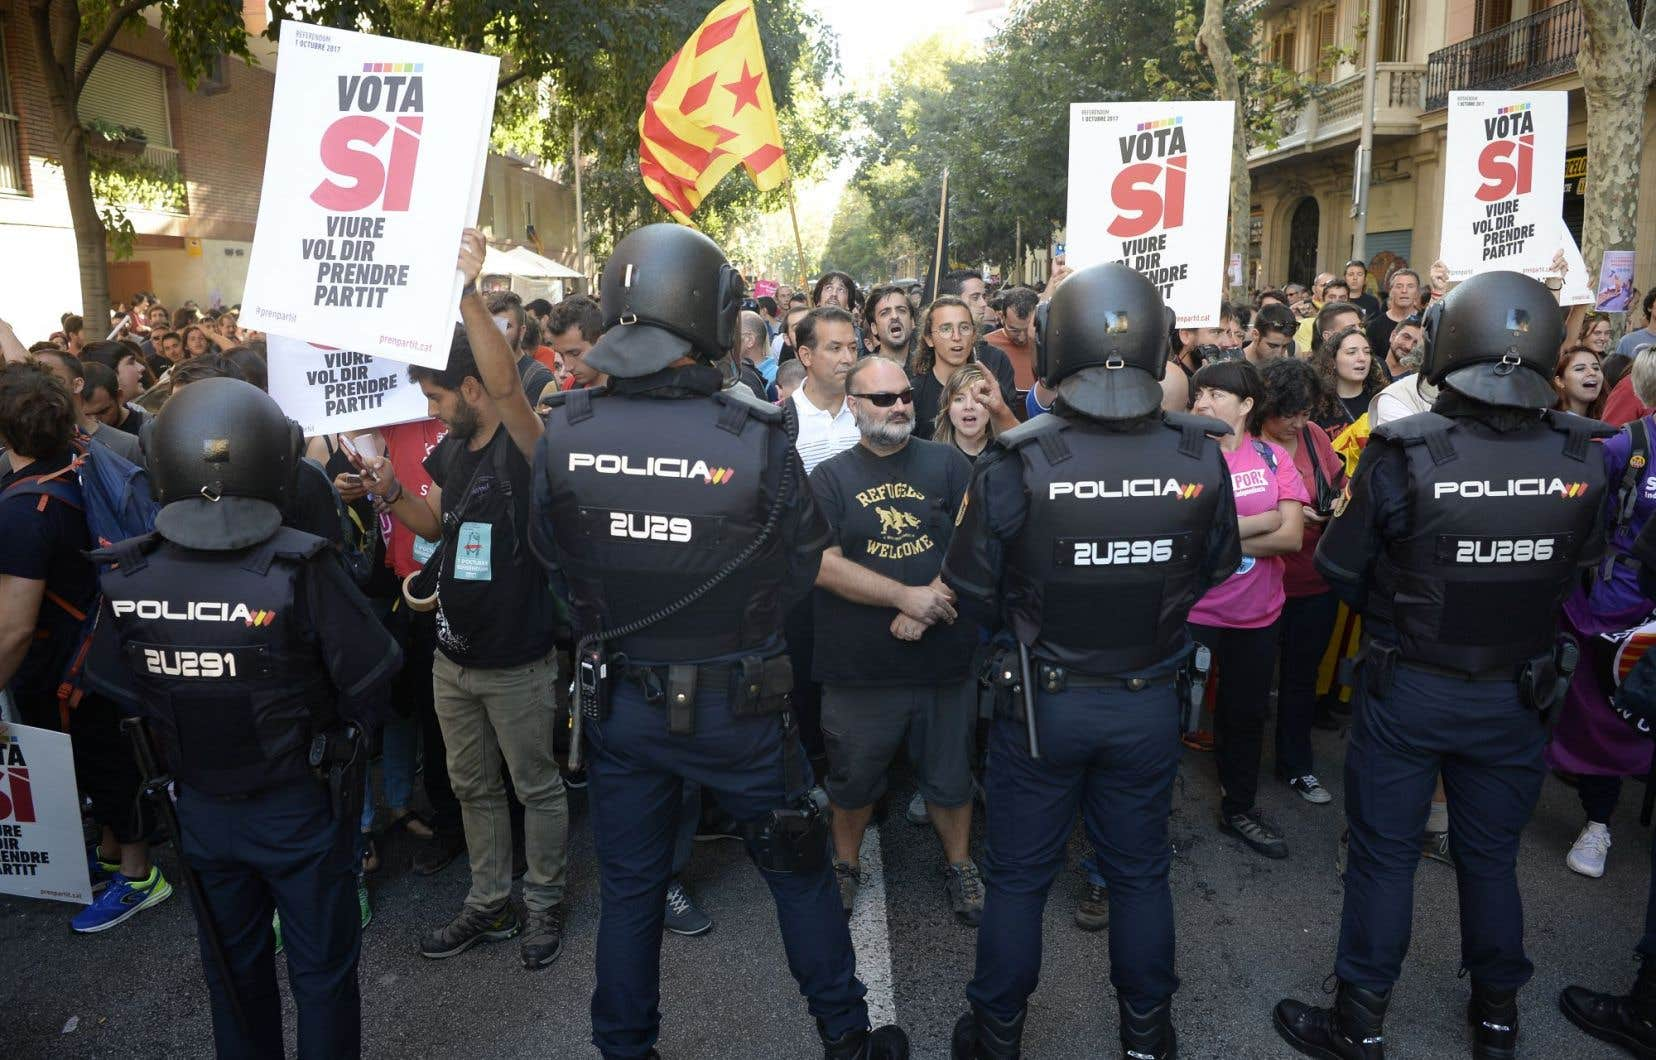 Les méthodes employées par Madrid pour tenter d'empêcher la Catalogne de tenir un référendum sur l'indépendance de cette région de l'Espagne ont suscité une vive réaction des citoyens.